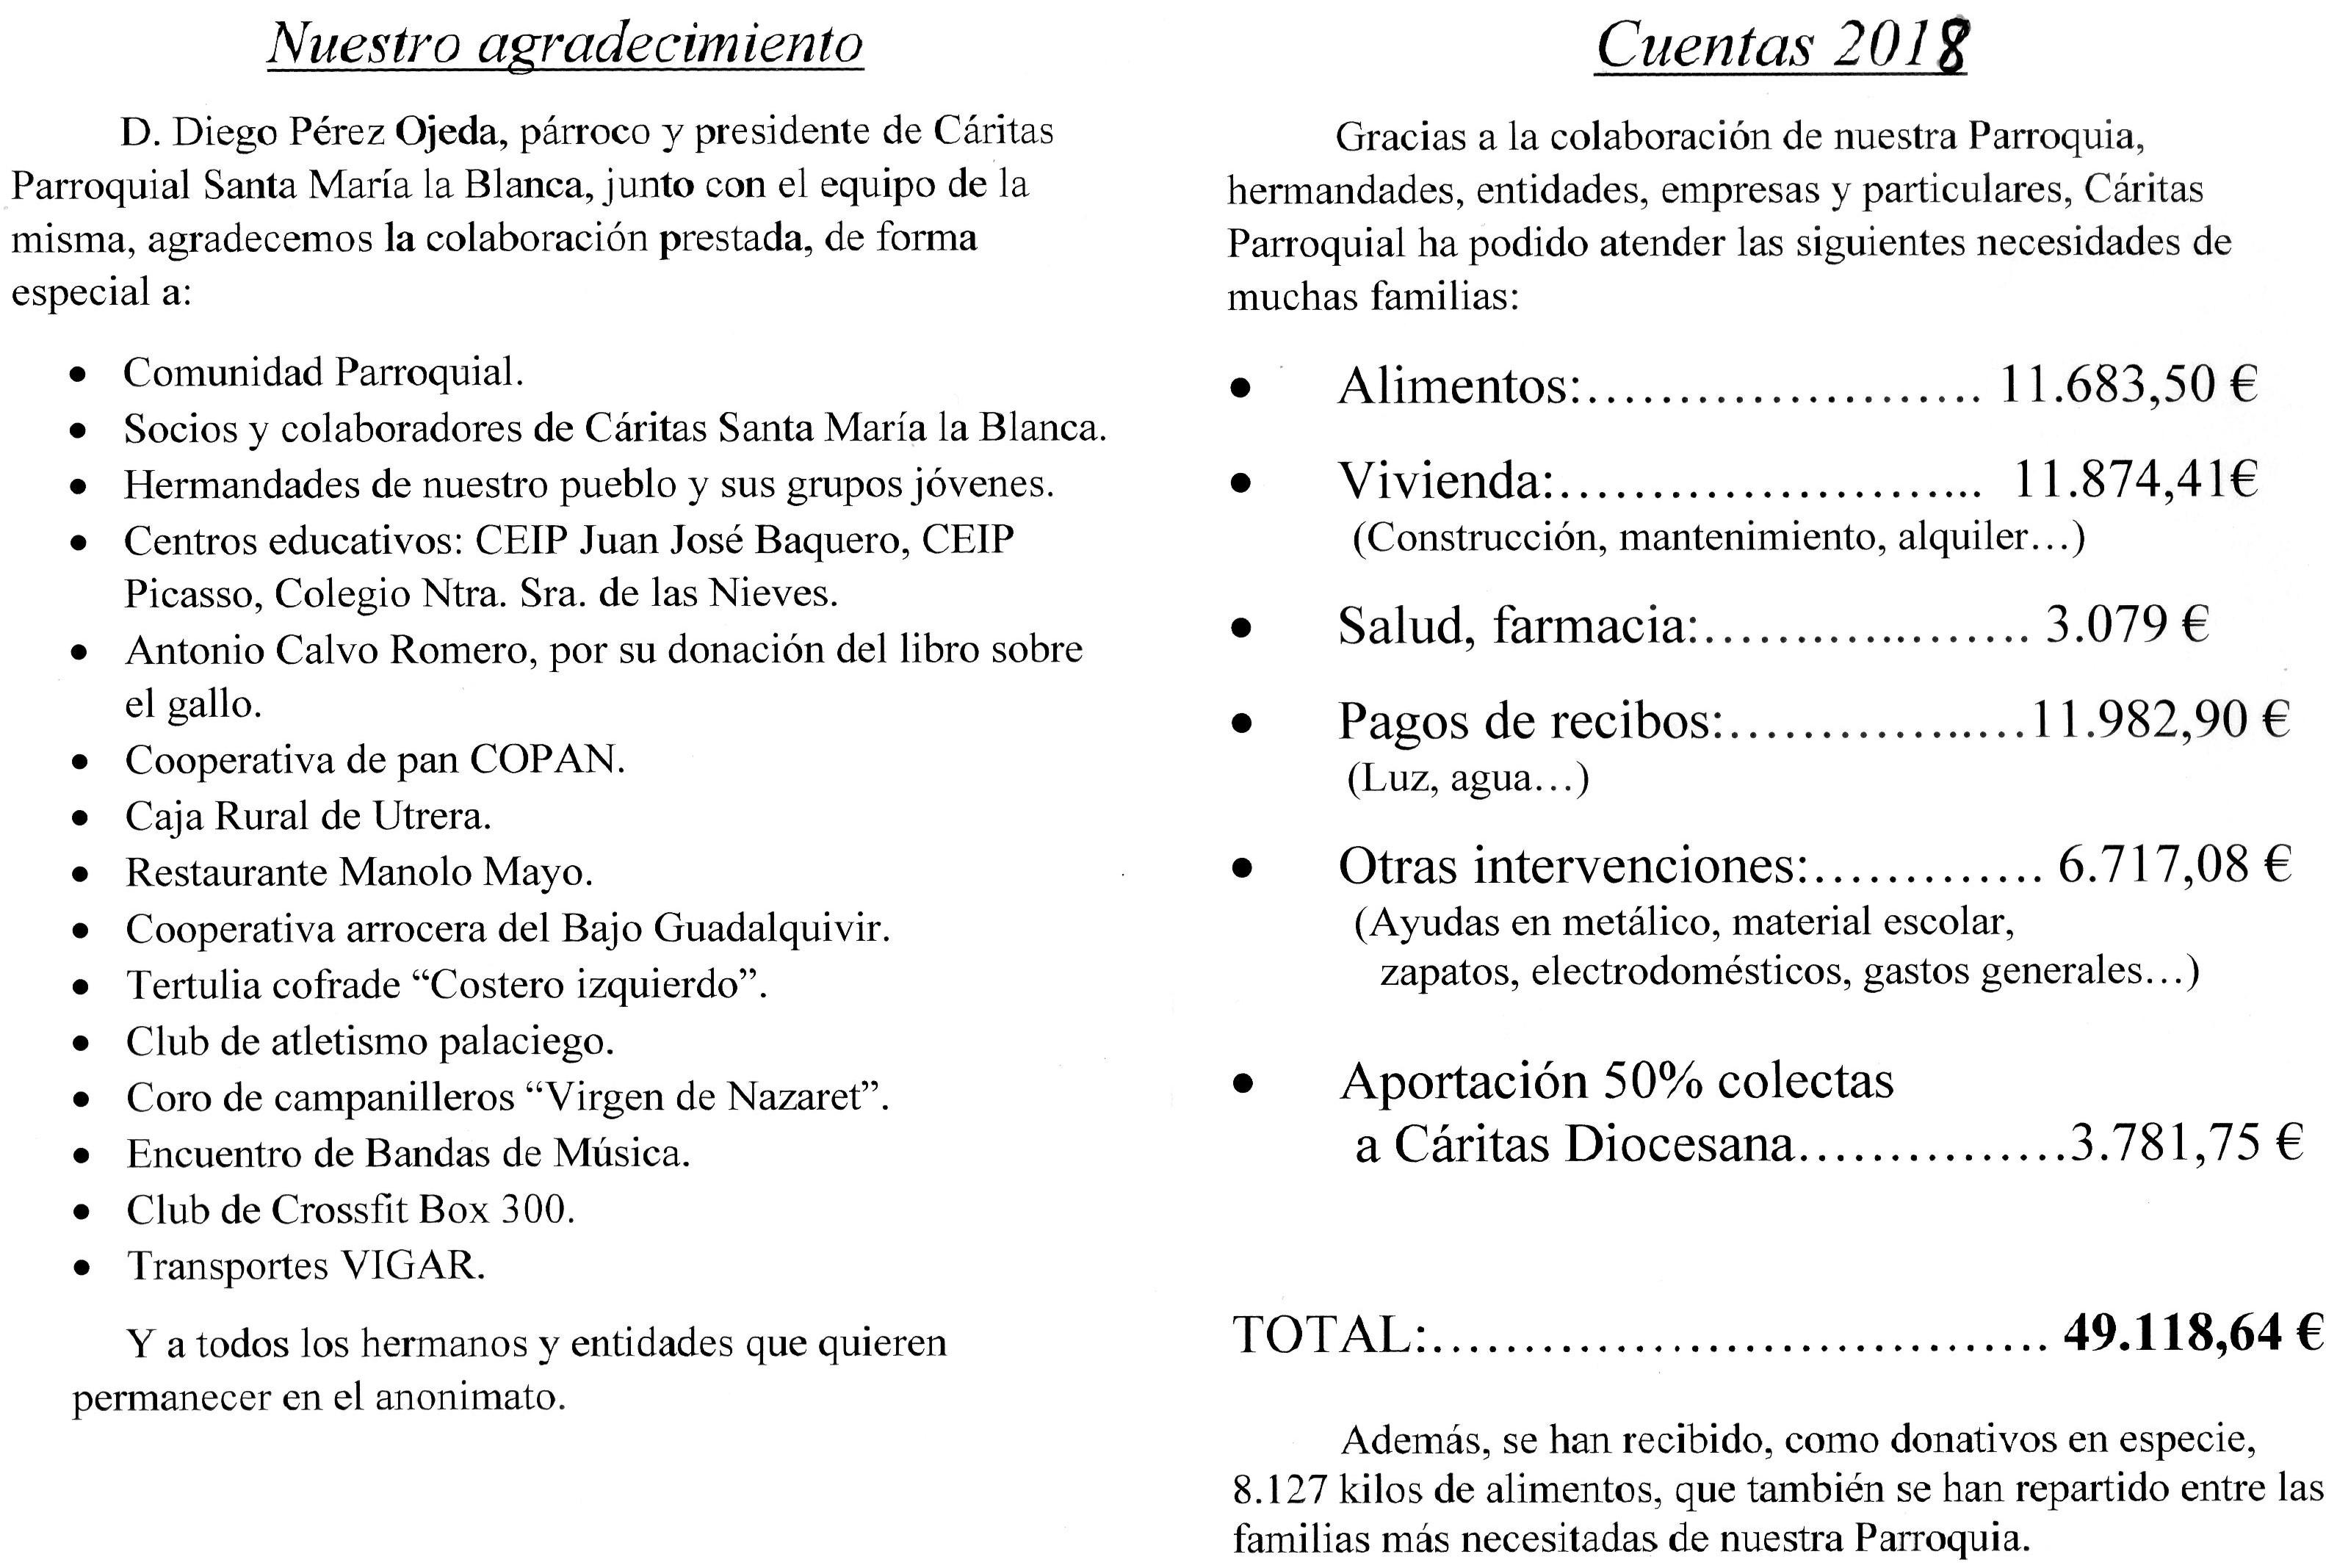 Cuentas Cáritas